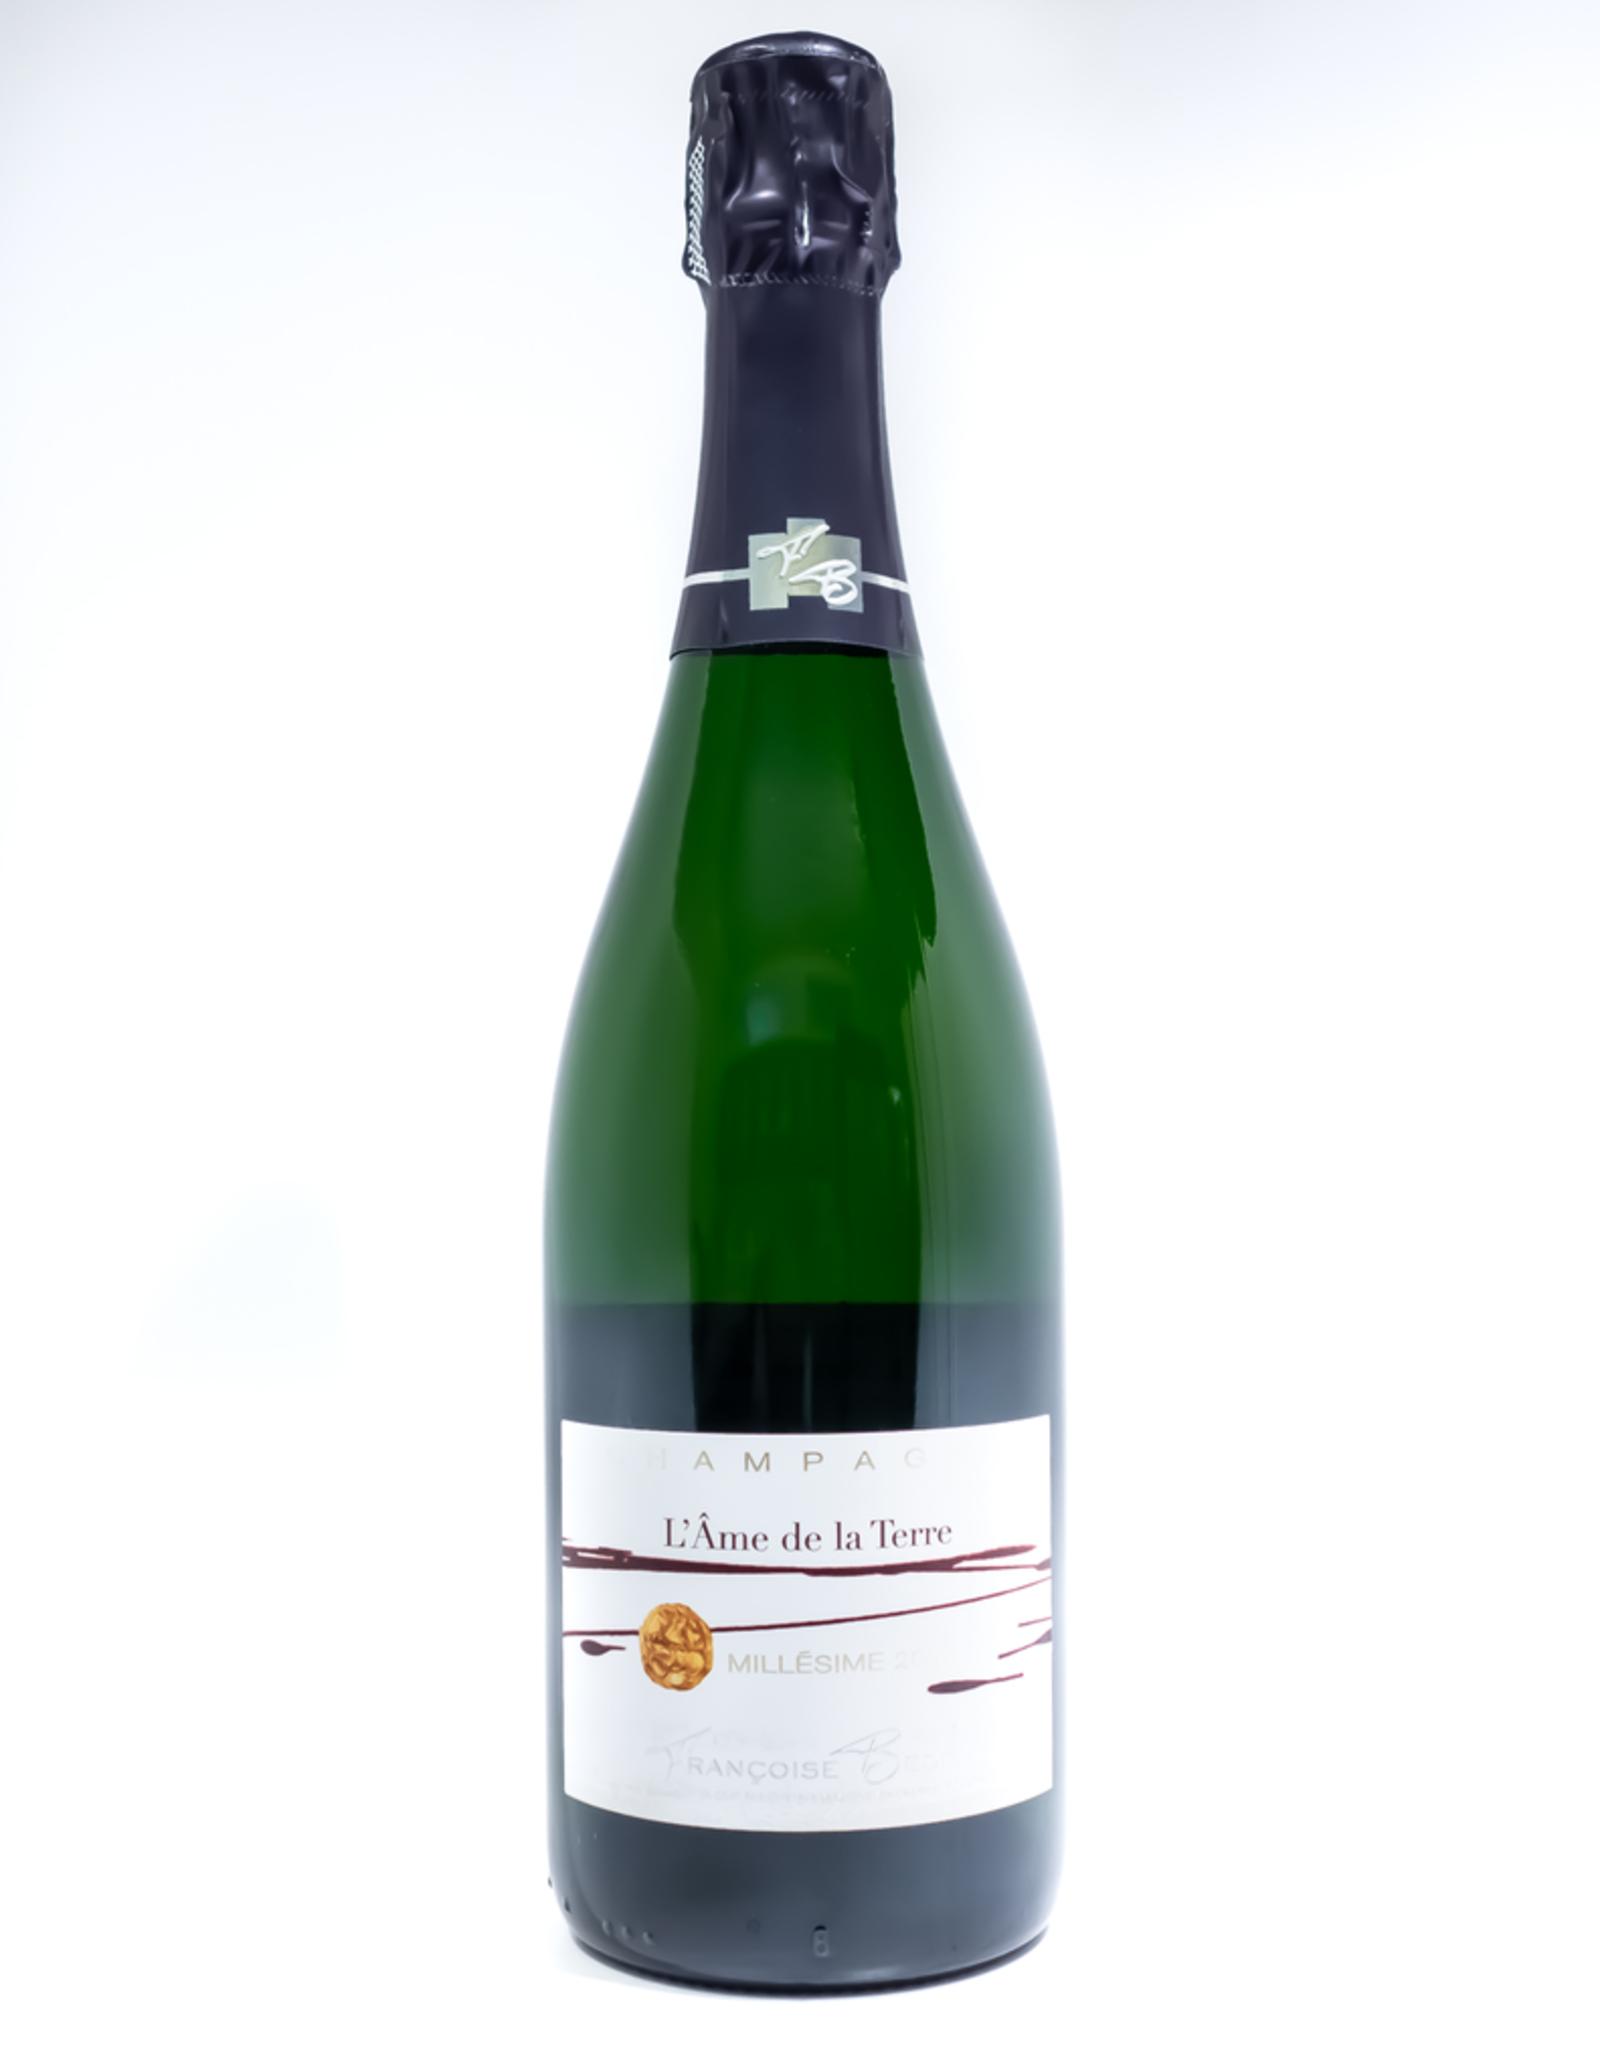 Wine-Sparkling-Champagne Francoise Bedel Champagne AOC 'L'Ame de la Terre Millésimé' Brut 2005